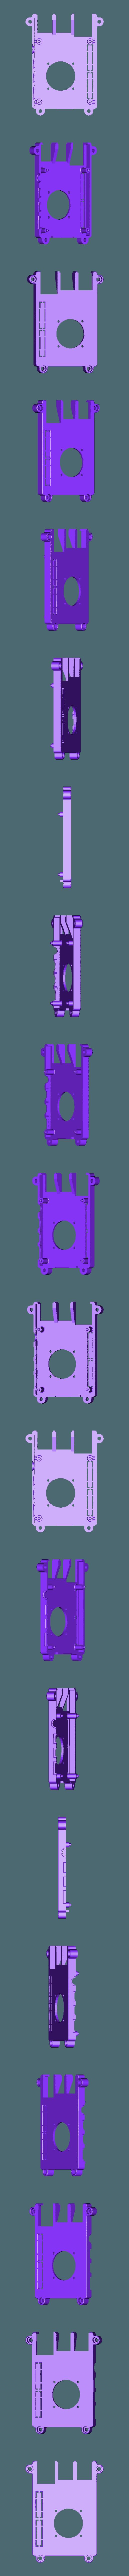 SLIM_30MM_BLANK.STL Télécharger fichier STL gratuit Étui Pi 4B Framboise Framboise • Objet pour imprimante 3D, mkellsy